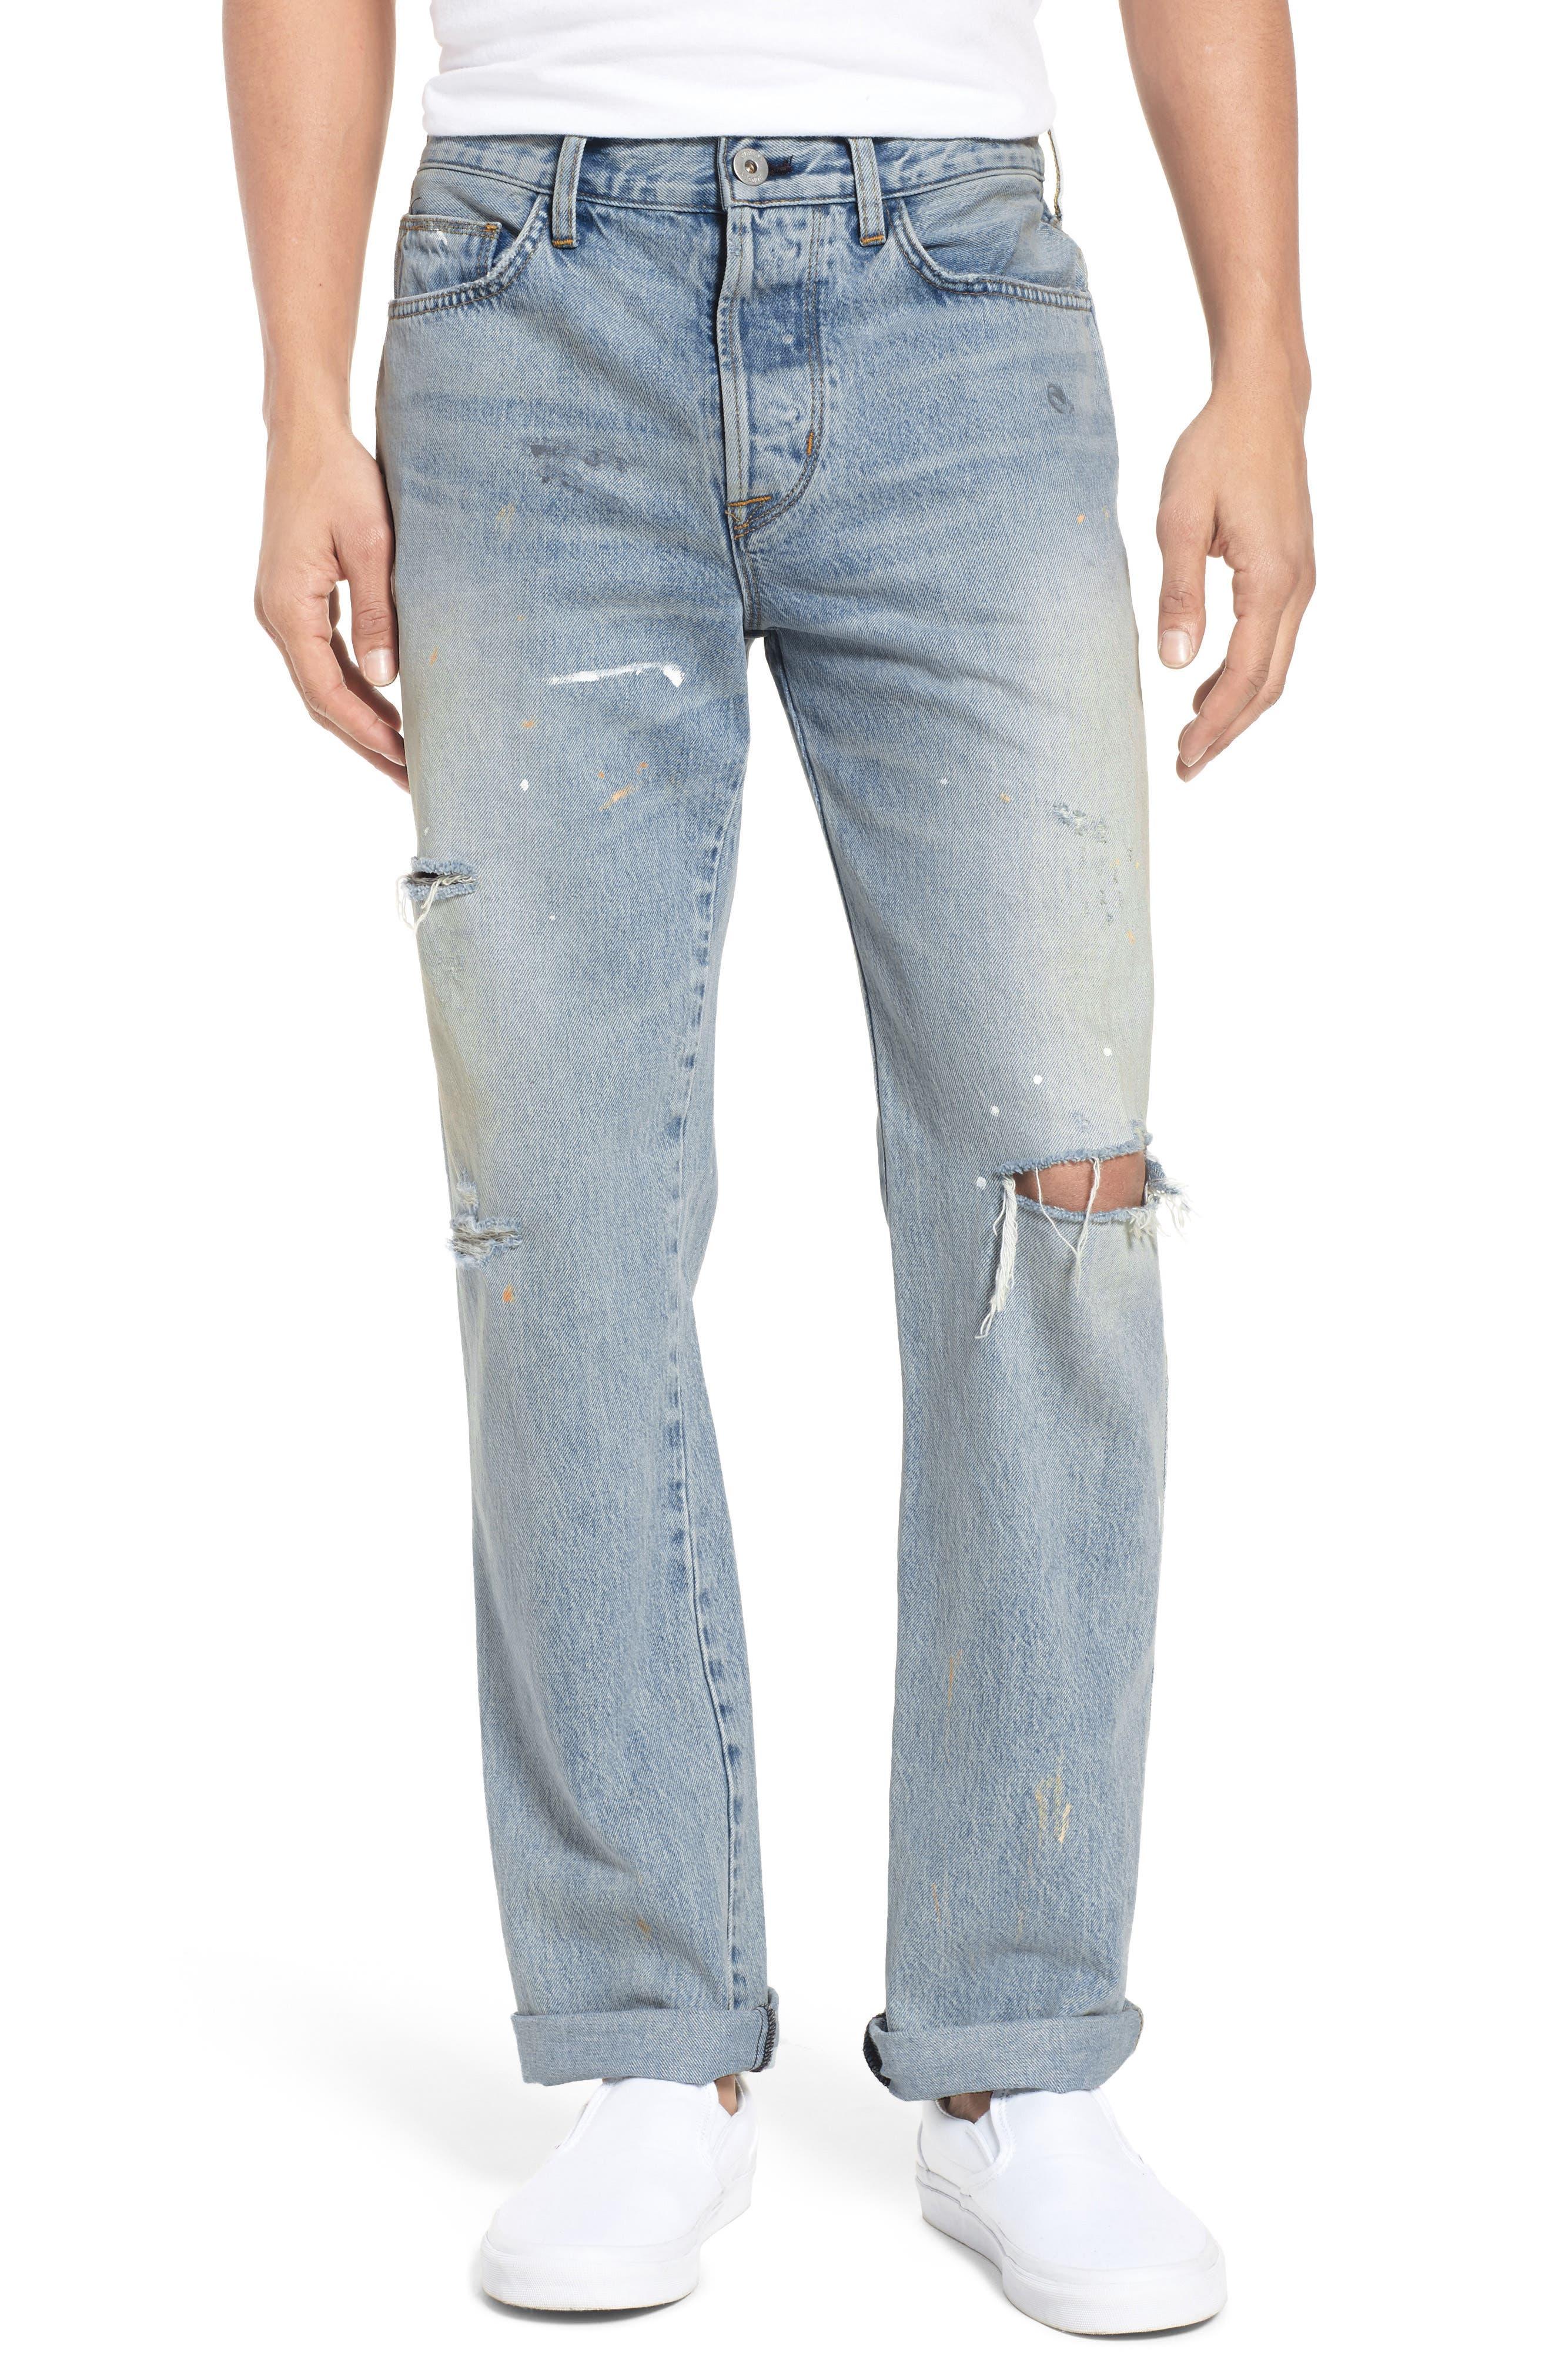 Dixon Straight Fit Jeans,                             Main thumbnail 1, color,                             451